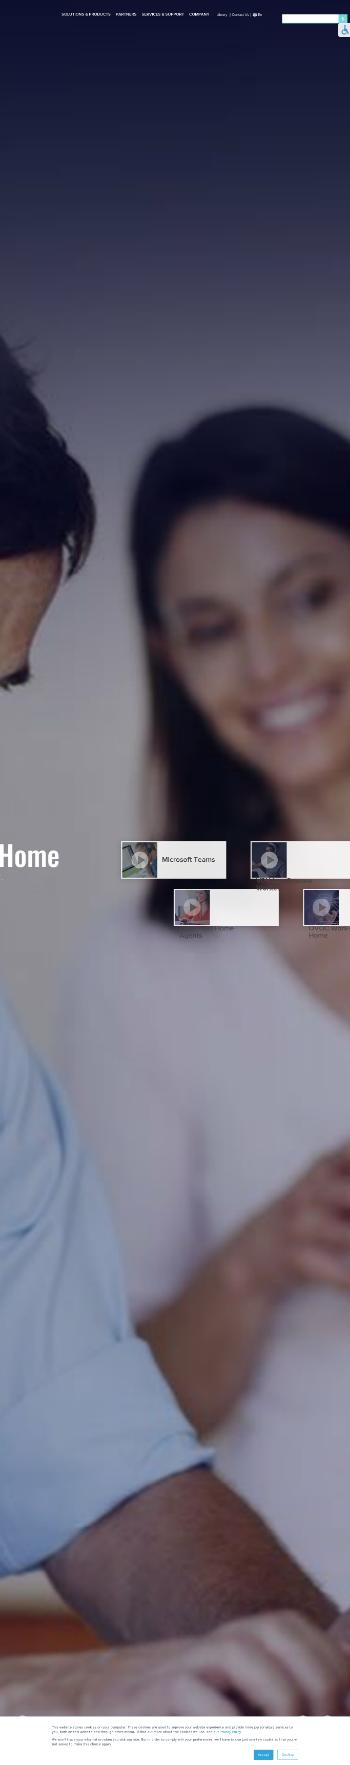 AudioCodes Ltd. Website Screenshot